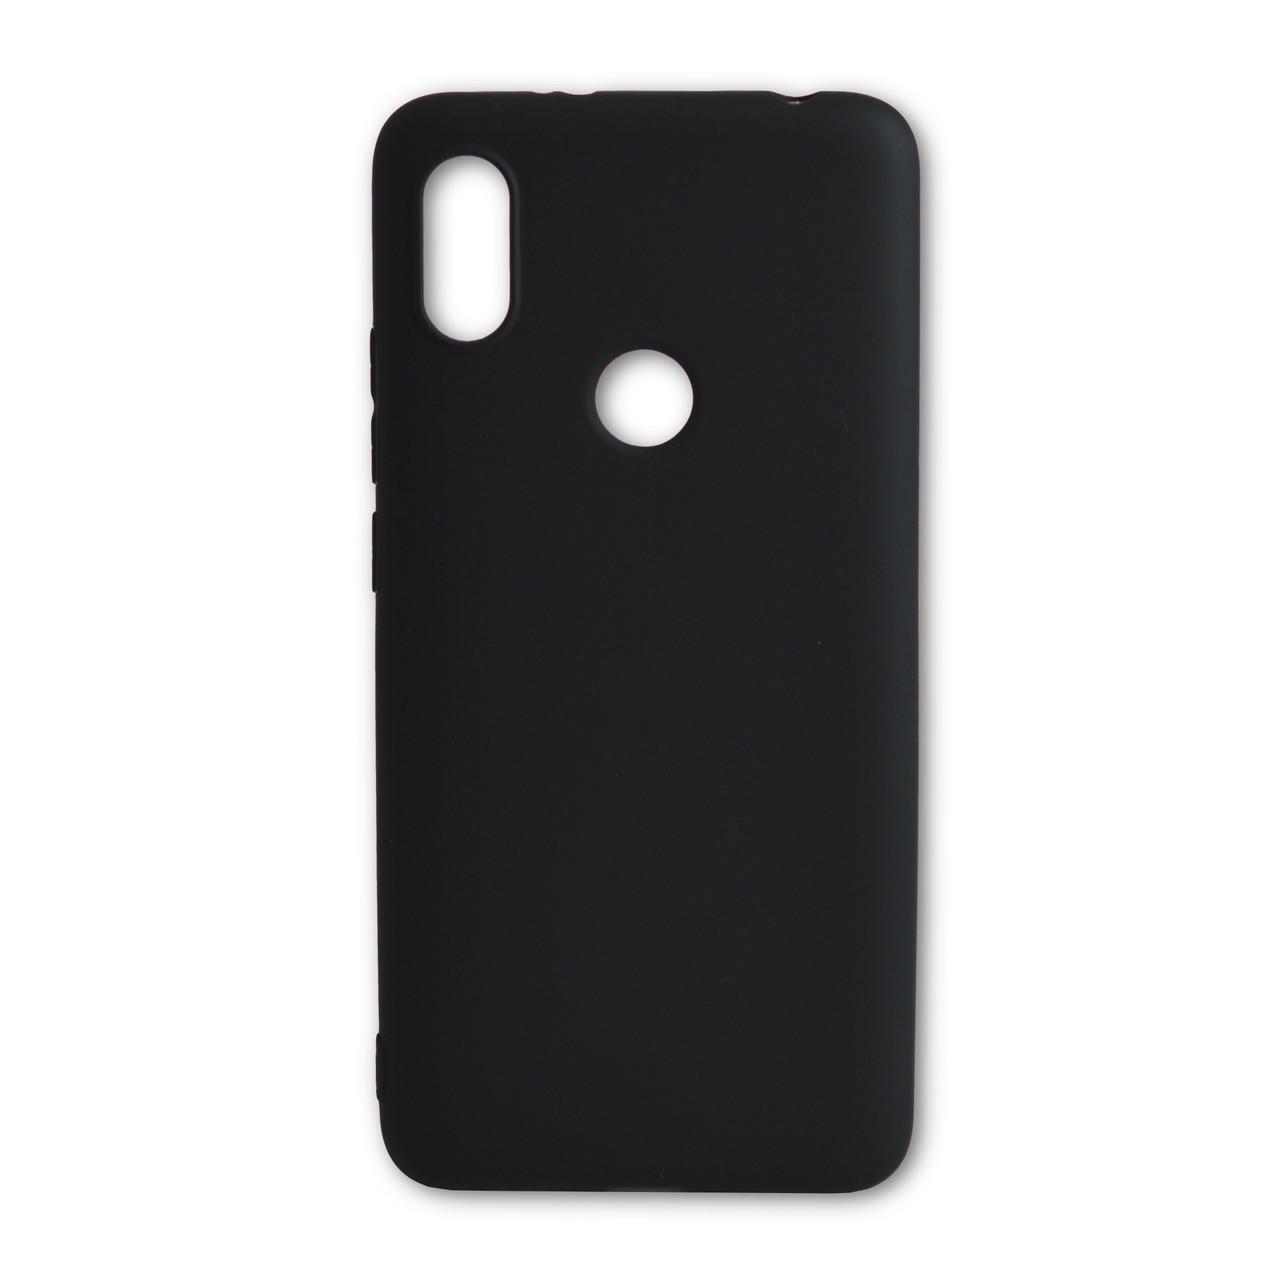 Силиконовый чехол Man for Xiaomi Redmi Note 5 Pro Black / чехол для сяоми редми ноте 5 про черный / силиконовый чехол на Xiaomi Redmi Note 5 Pro